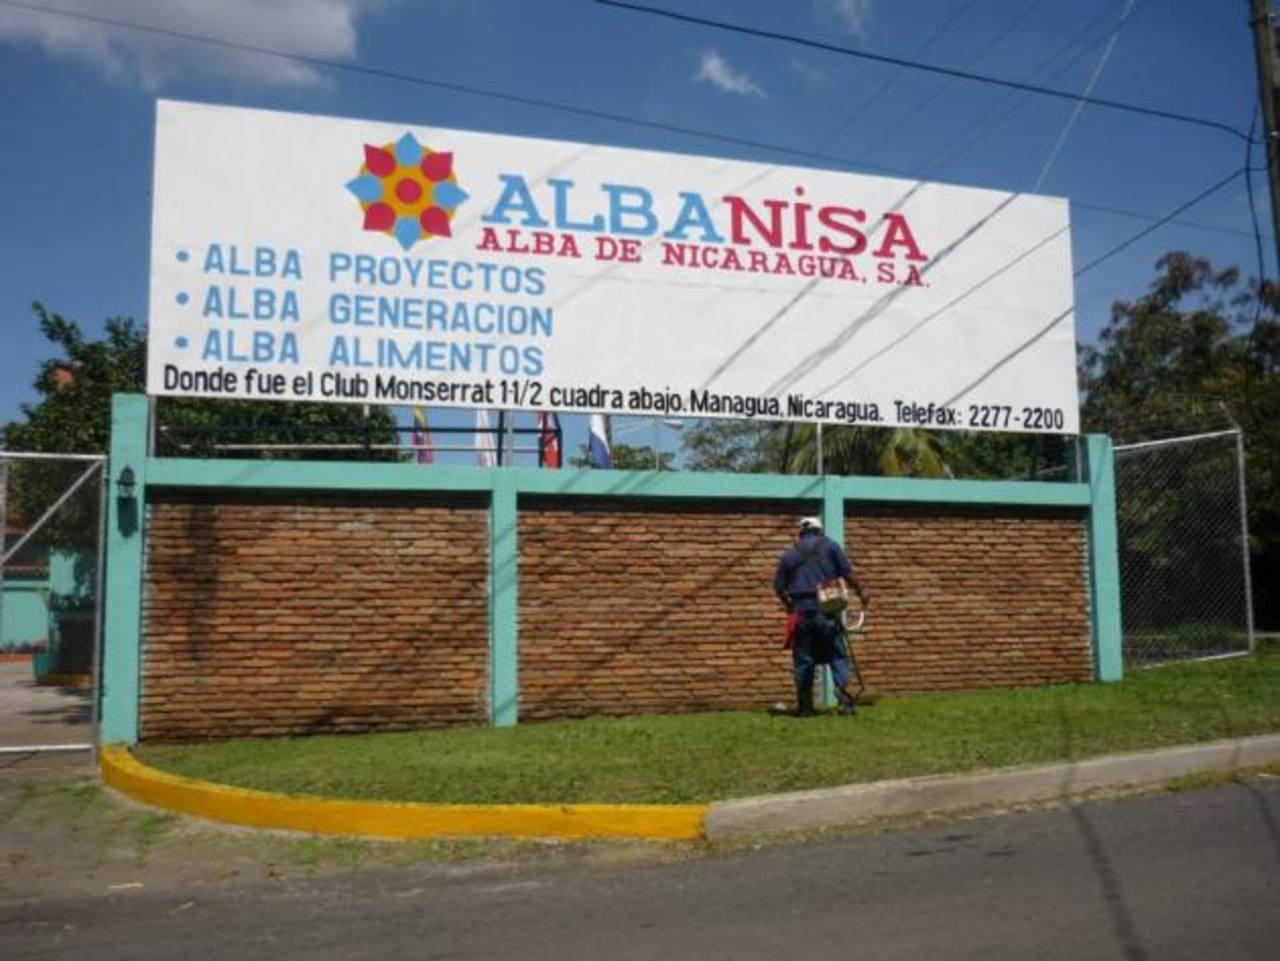 La compañía Albanisa continúa expandiendo negocios en varios sectores de la vida económica de Nicaragua.